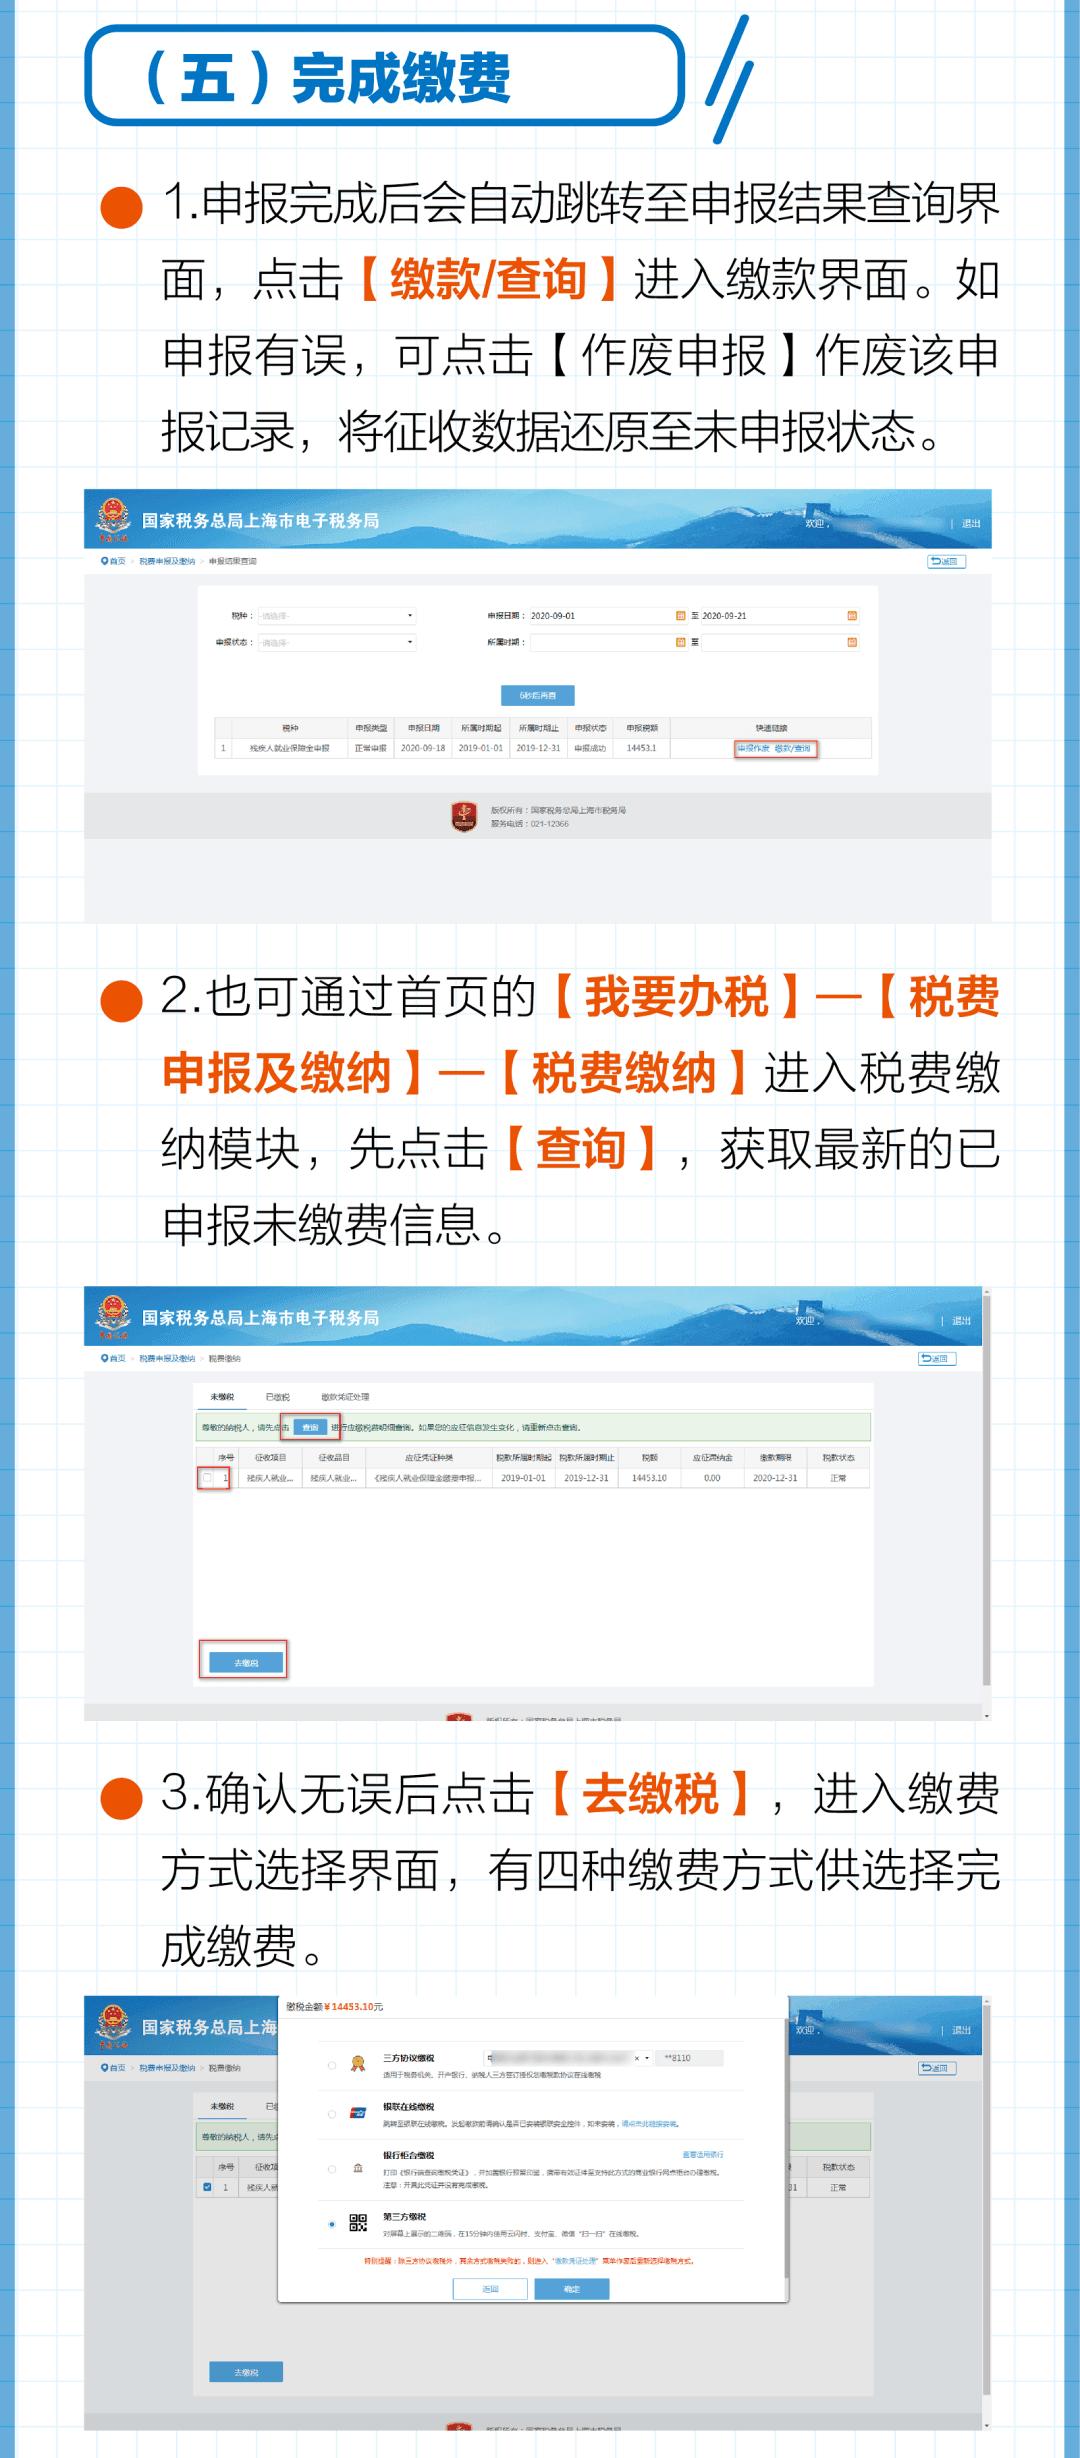 2020年上海残疾人就业保障金开始申报缴费啦!【操作指南】带您一图读懂网上申报缴费全流程!插图(3)